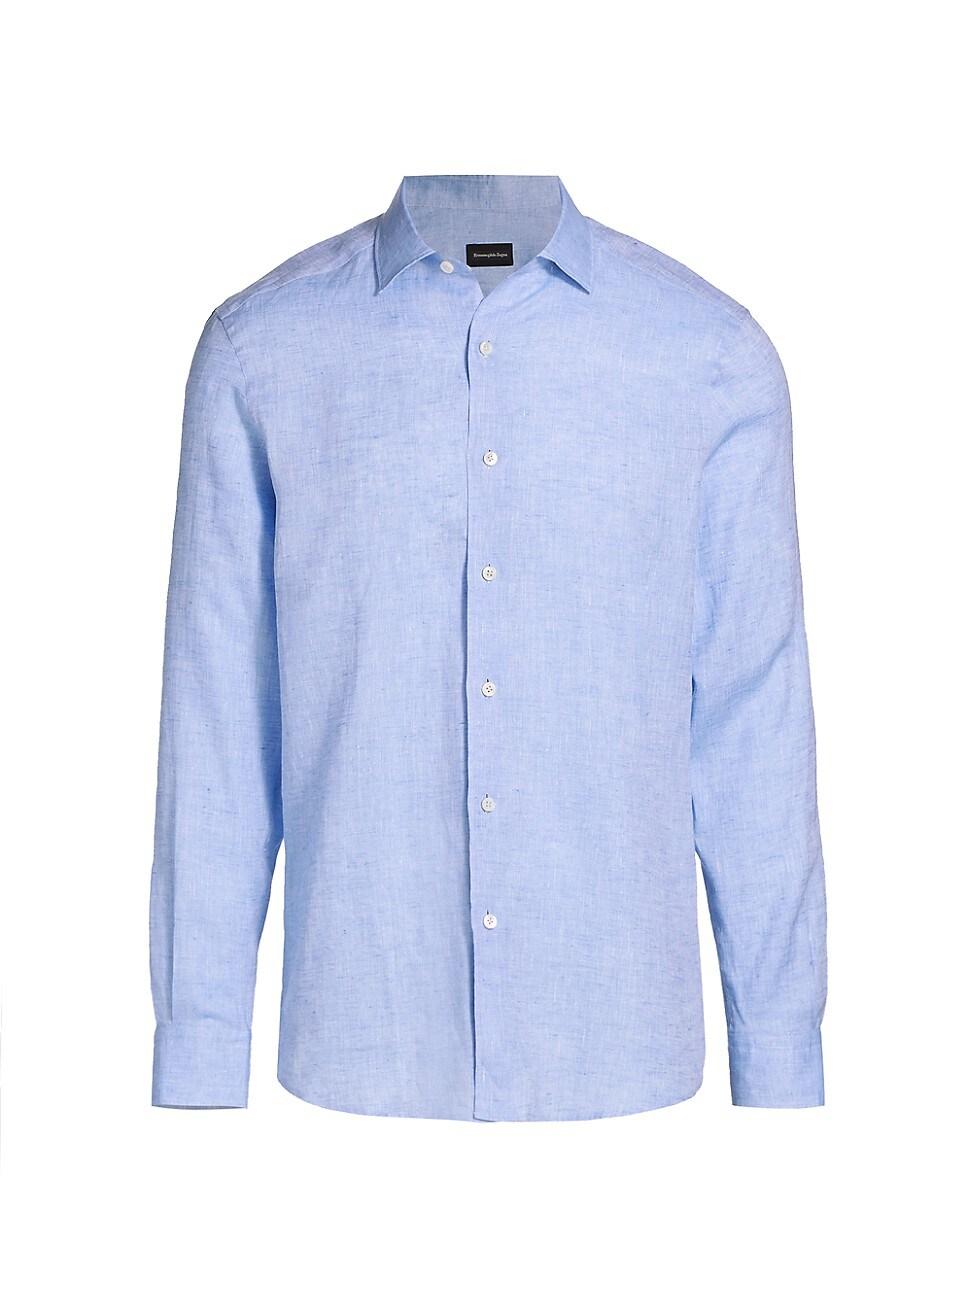 Ermenegildo Zegna Solid Linen Shirt In Light Blue